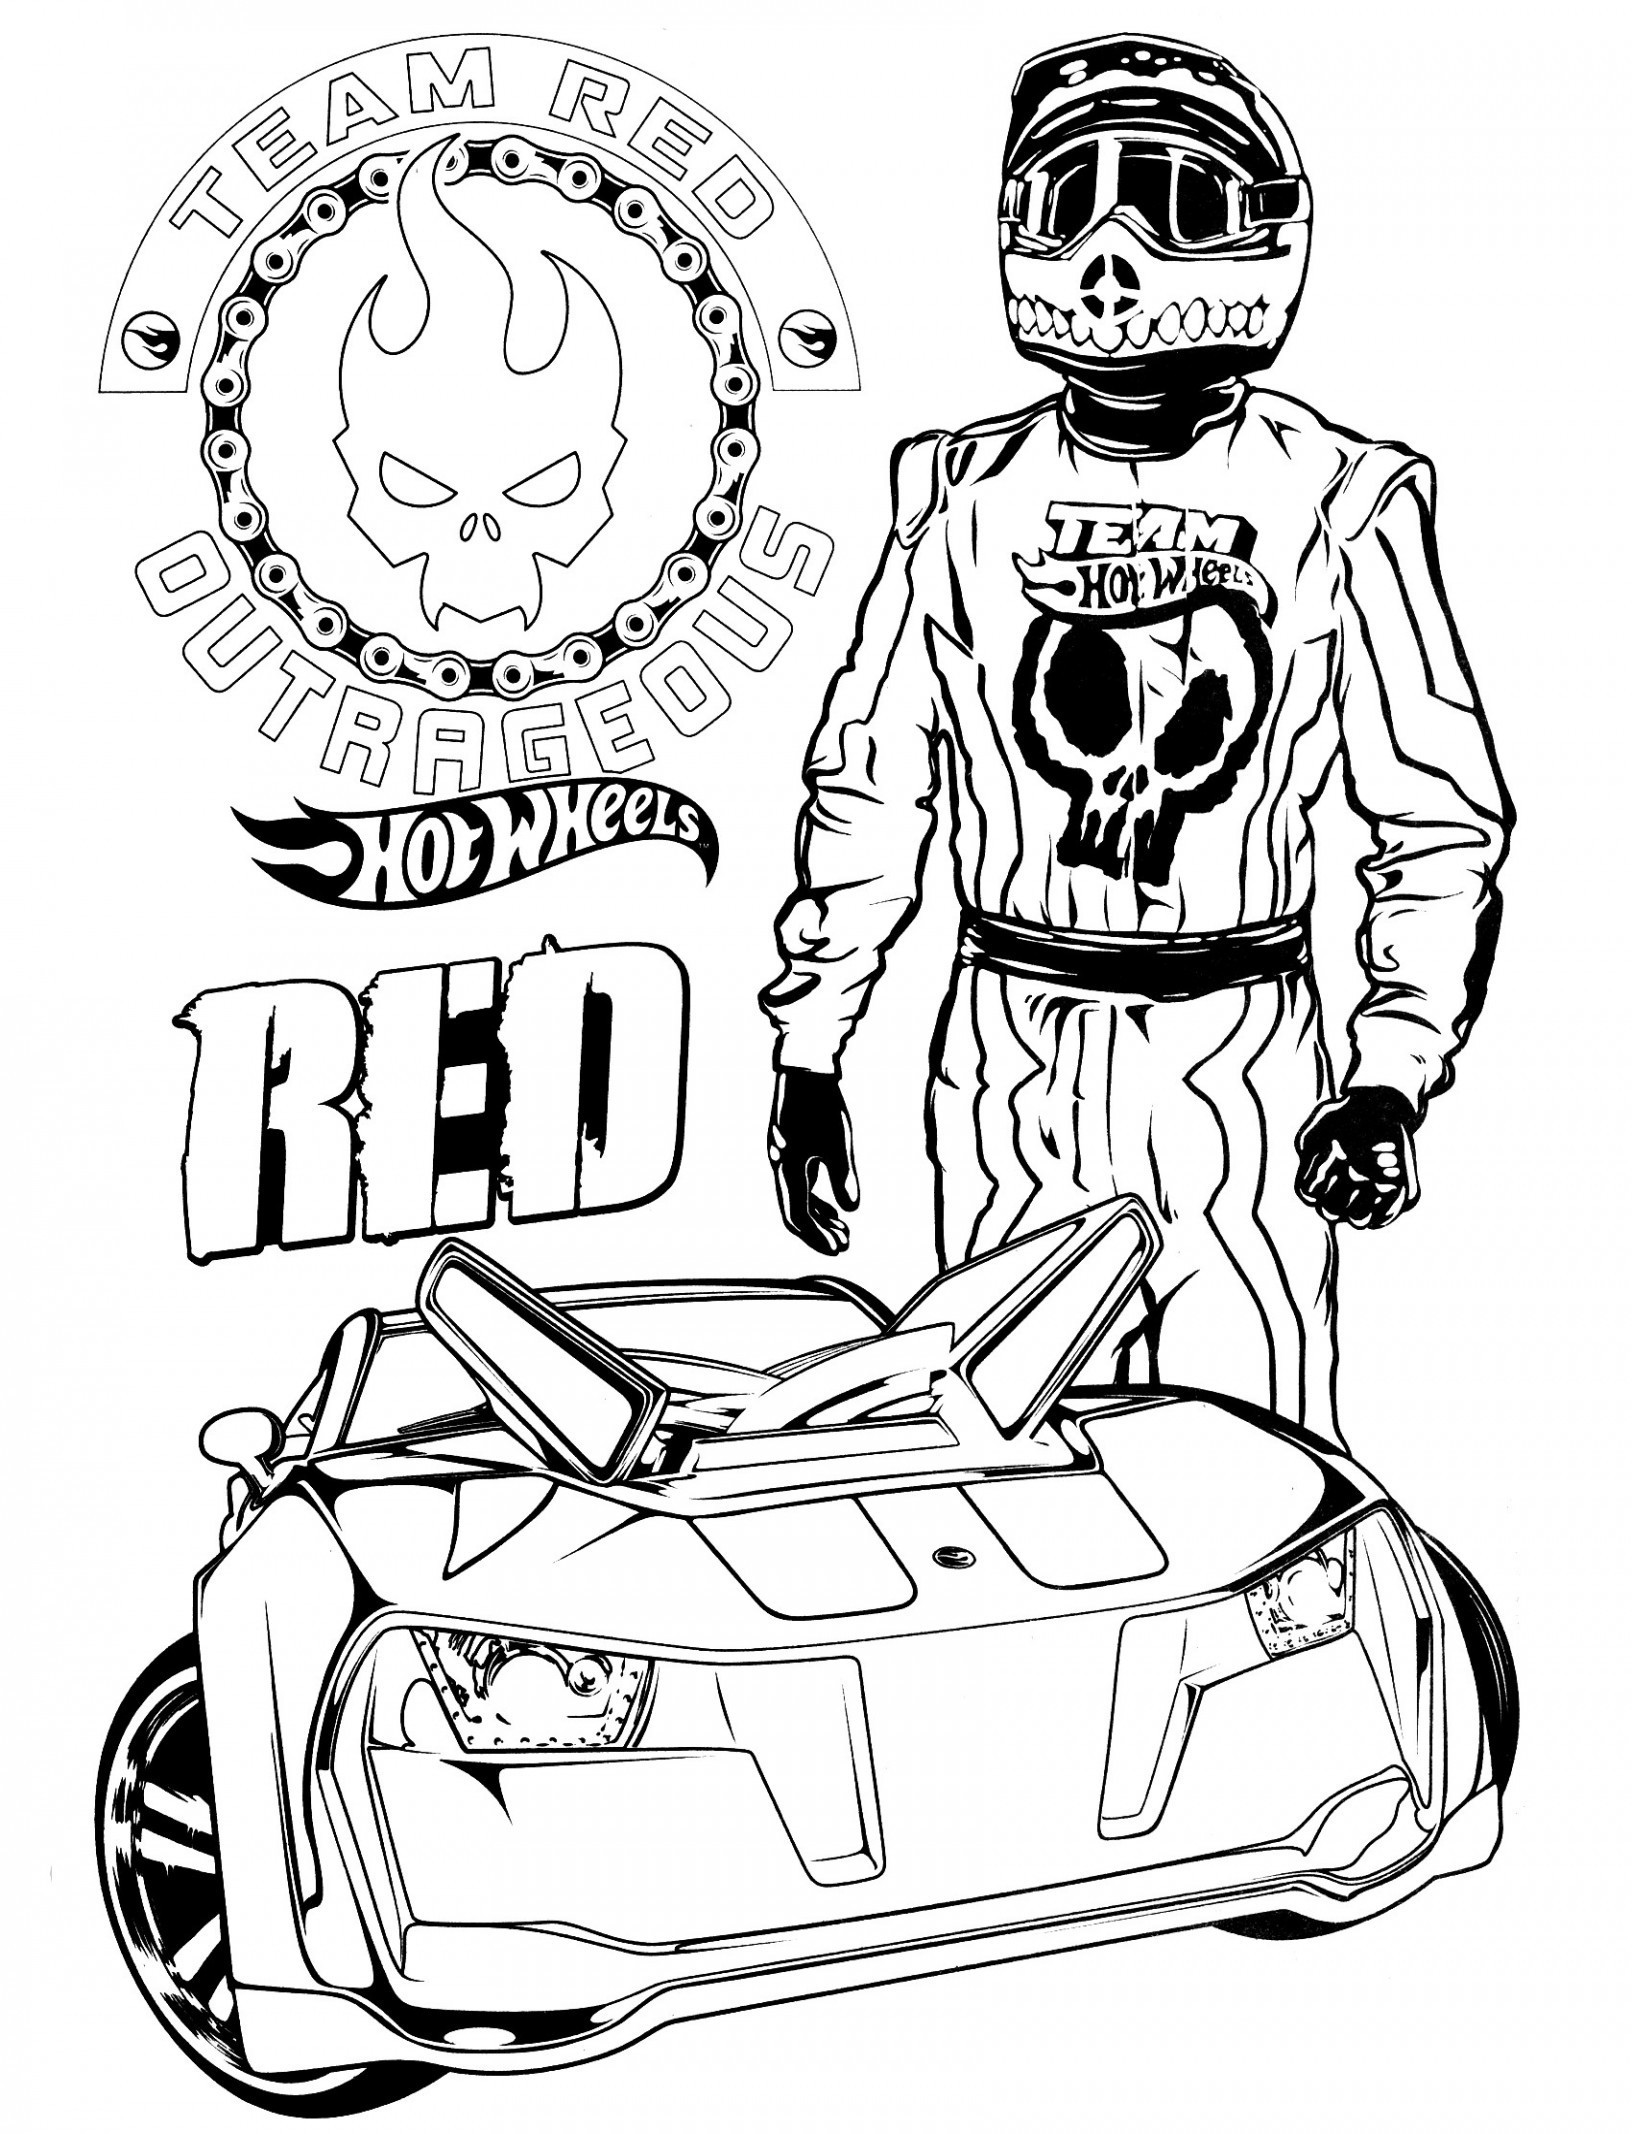 Ausmalbilder Weihnachten Teddy Inspirierend Ausmalbilder Hot Wheels Hot Wheels Coloring Book Sammlung